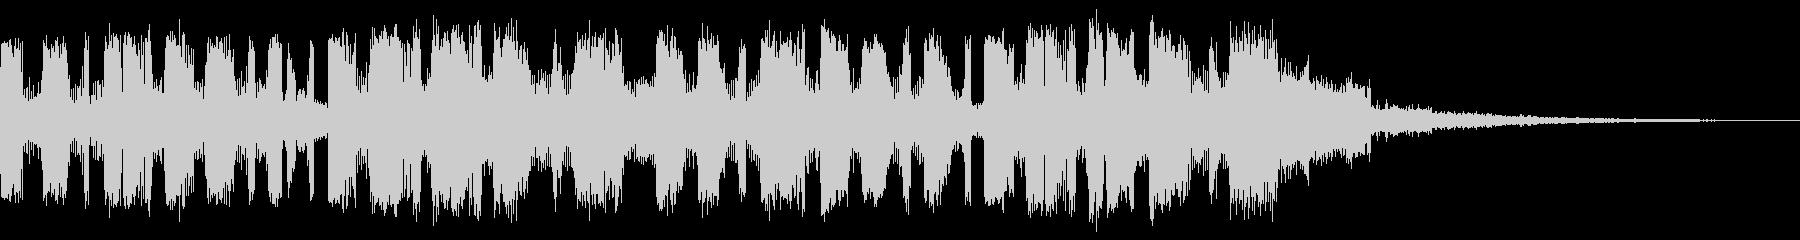 ミステリアスシリアスポップジングルの未再生の波形